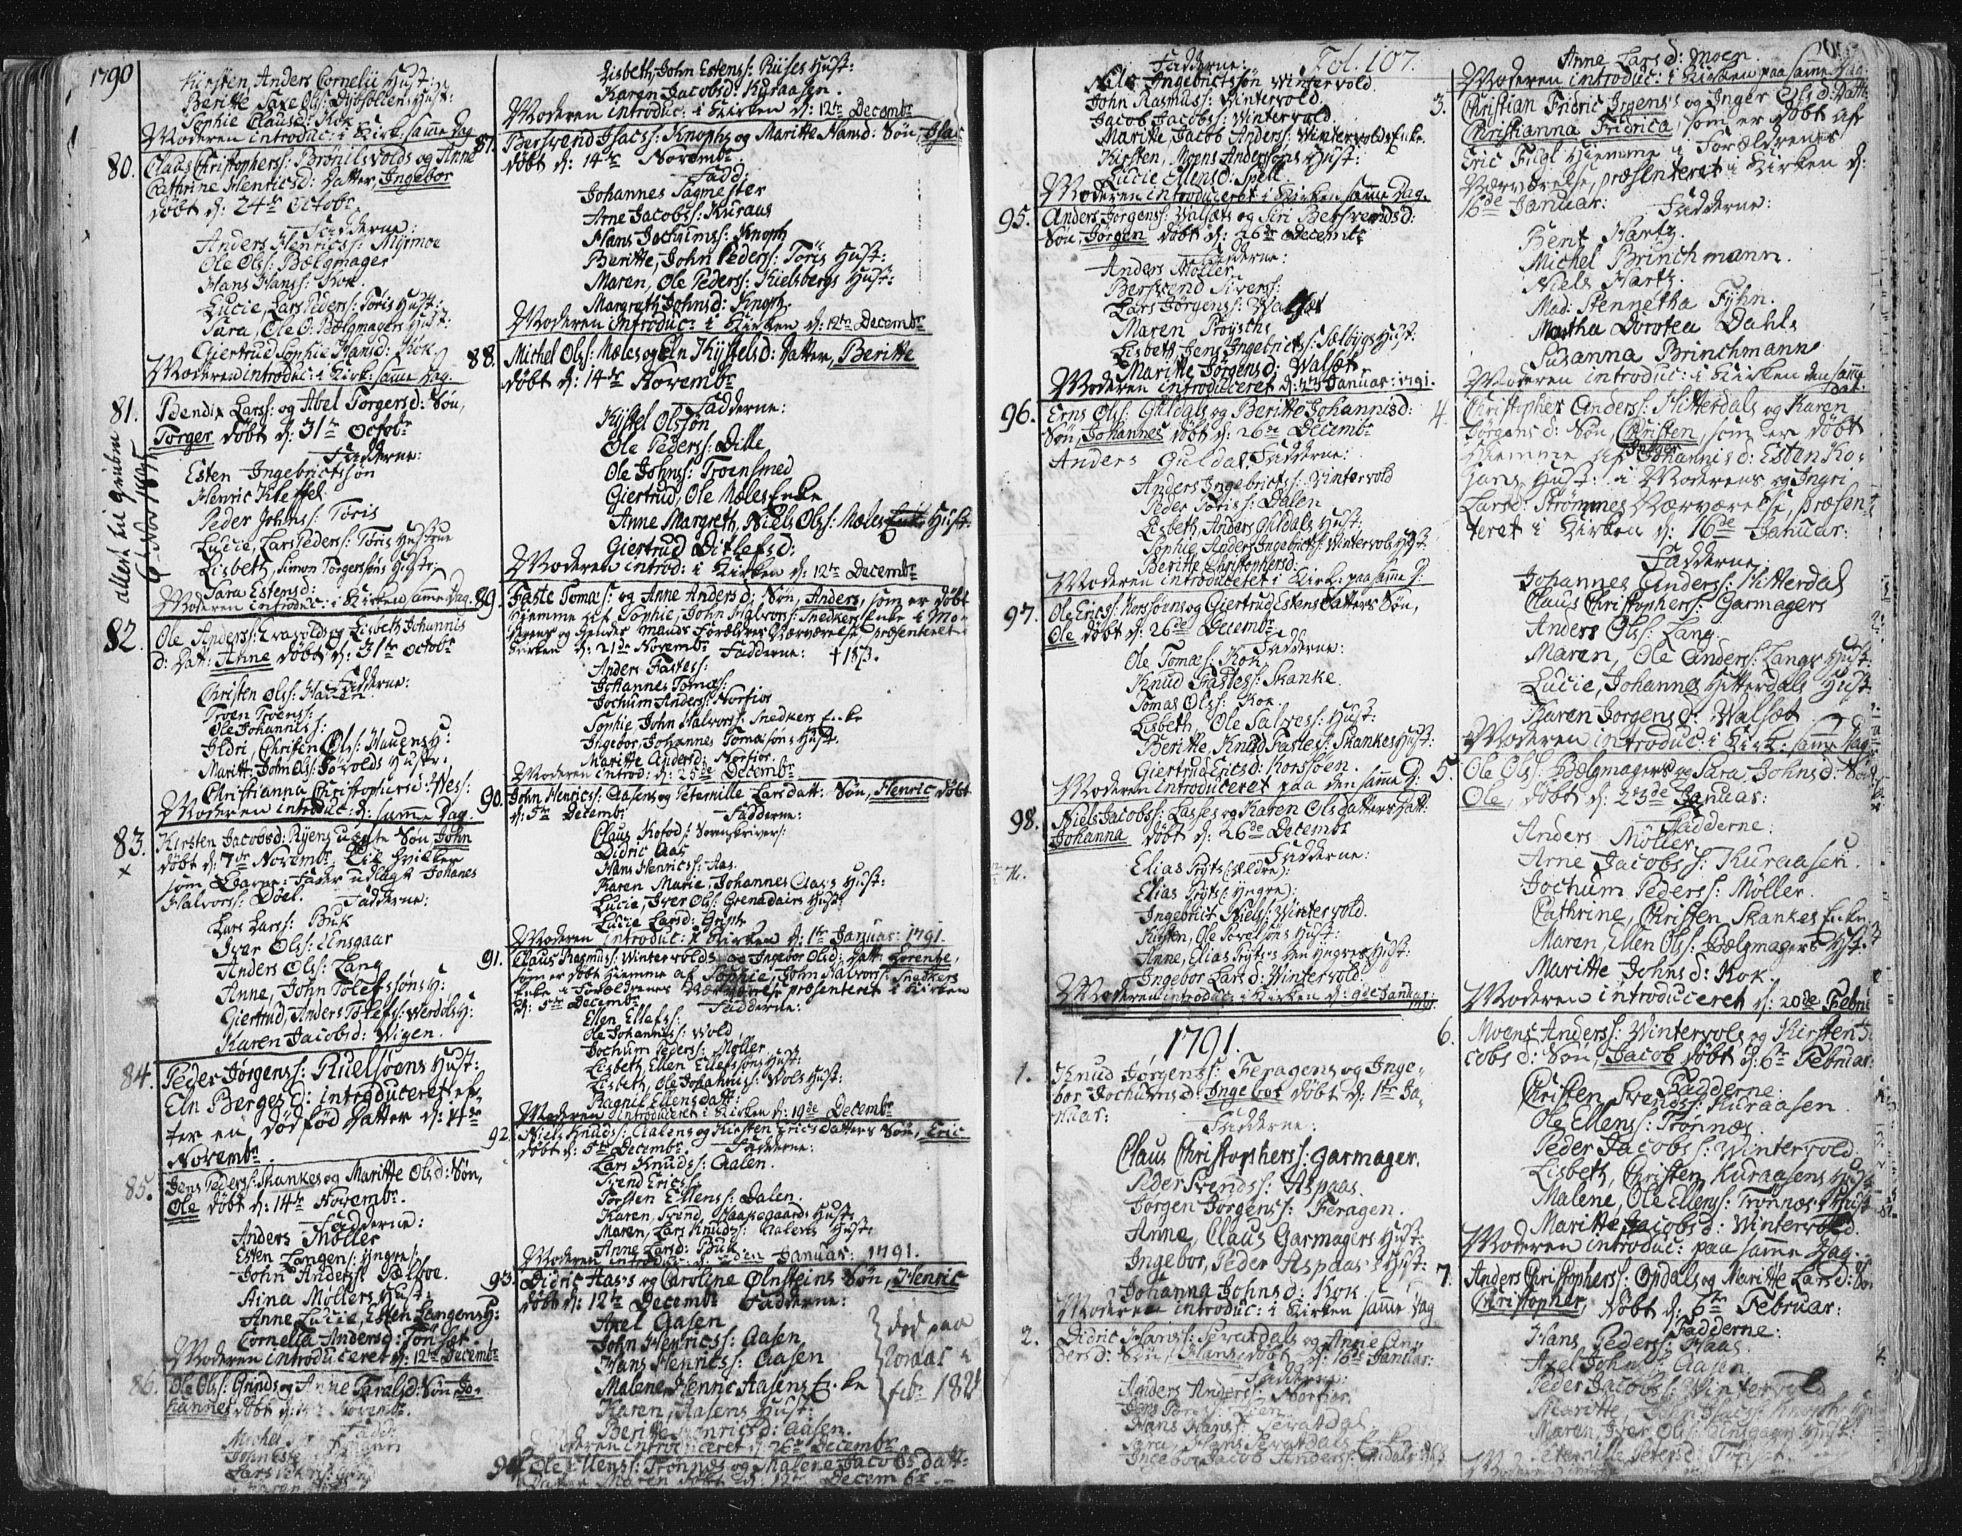 SAT, Ministerialprotokoller, klokkerbøker og fødselsregistre - Sør-Trøndelag, 681/L0926: Ministerialbok nr. 681A04, 1767-1797, s. 107